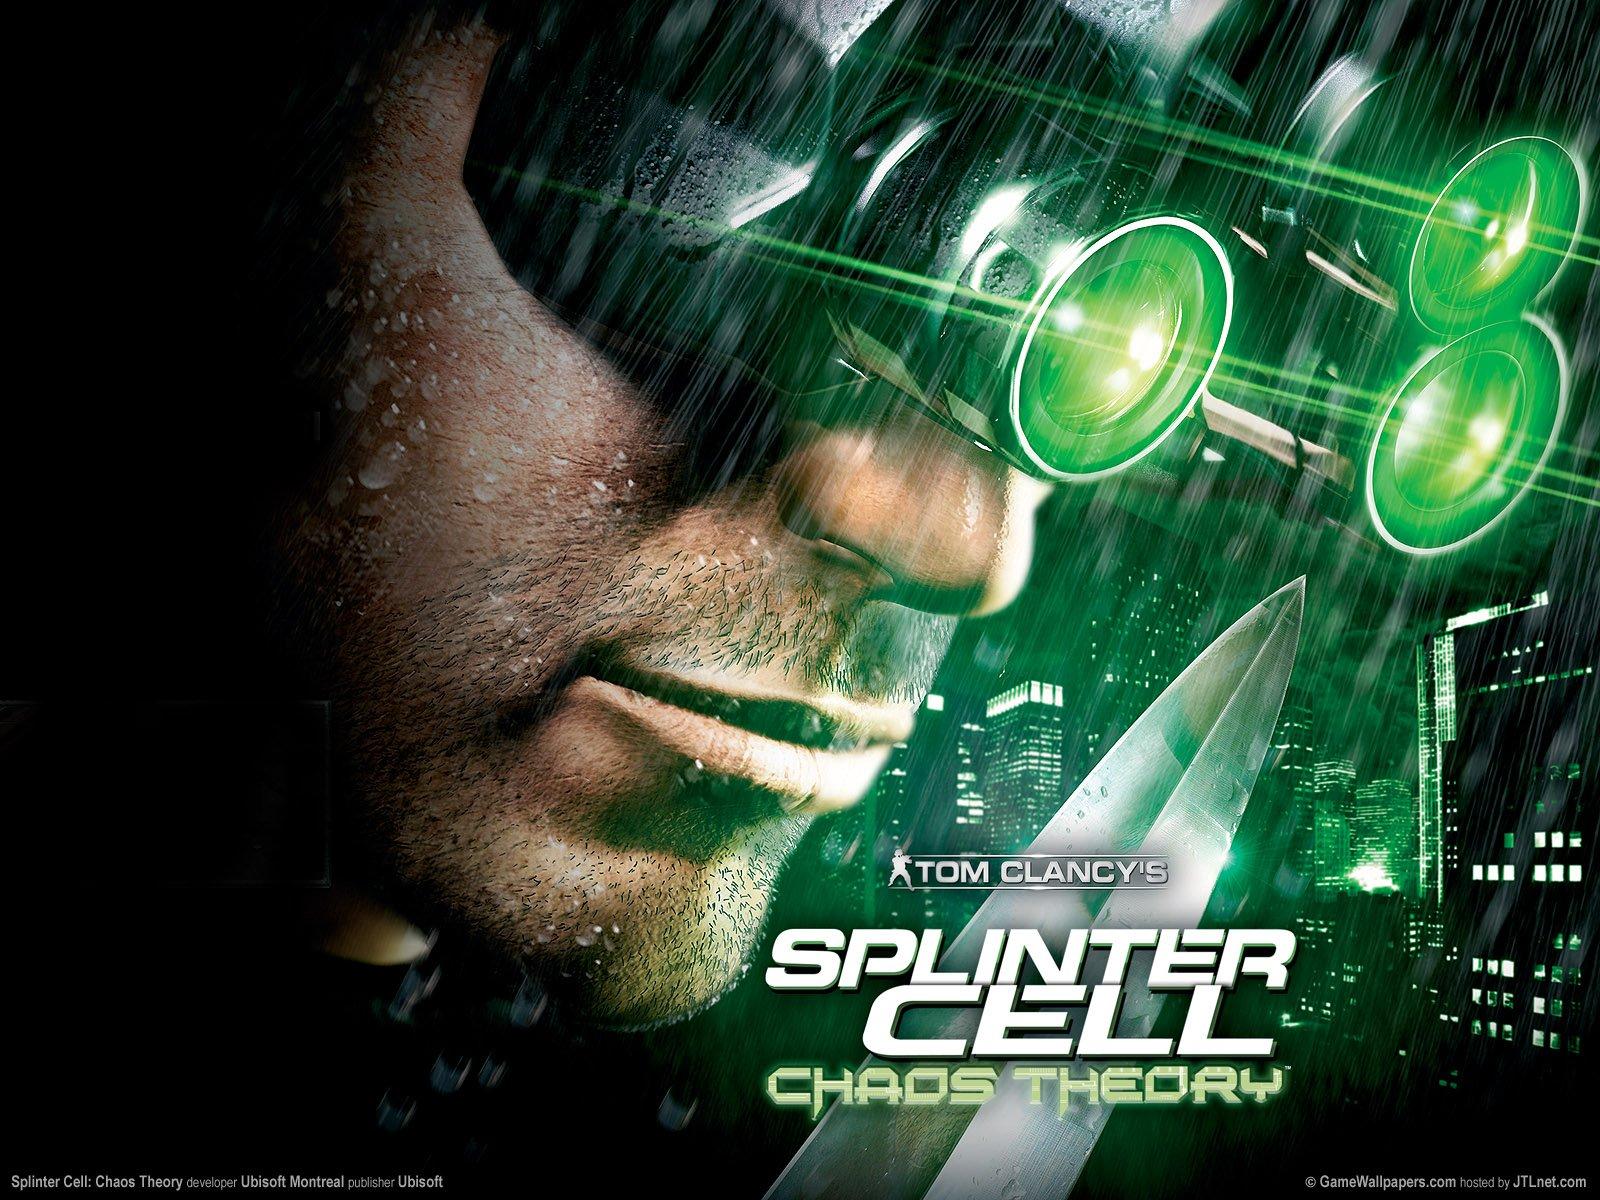 Обоя для рабочего стола к игре Tom Clancy's Splinter Cell Chaos Theory